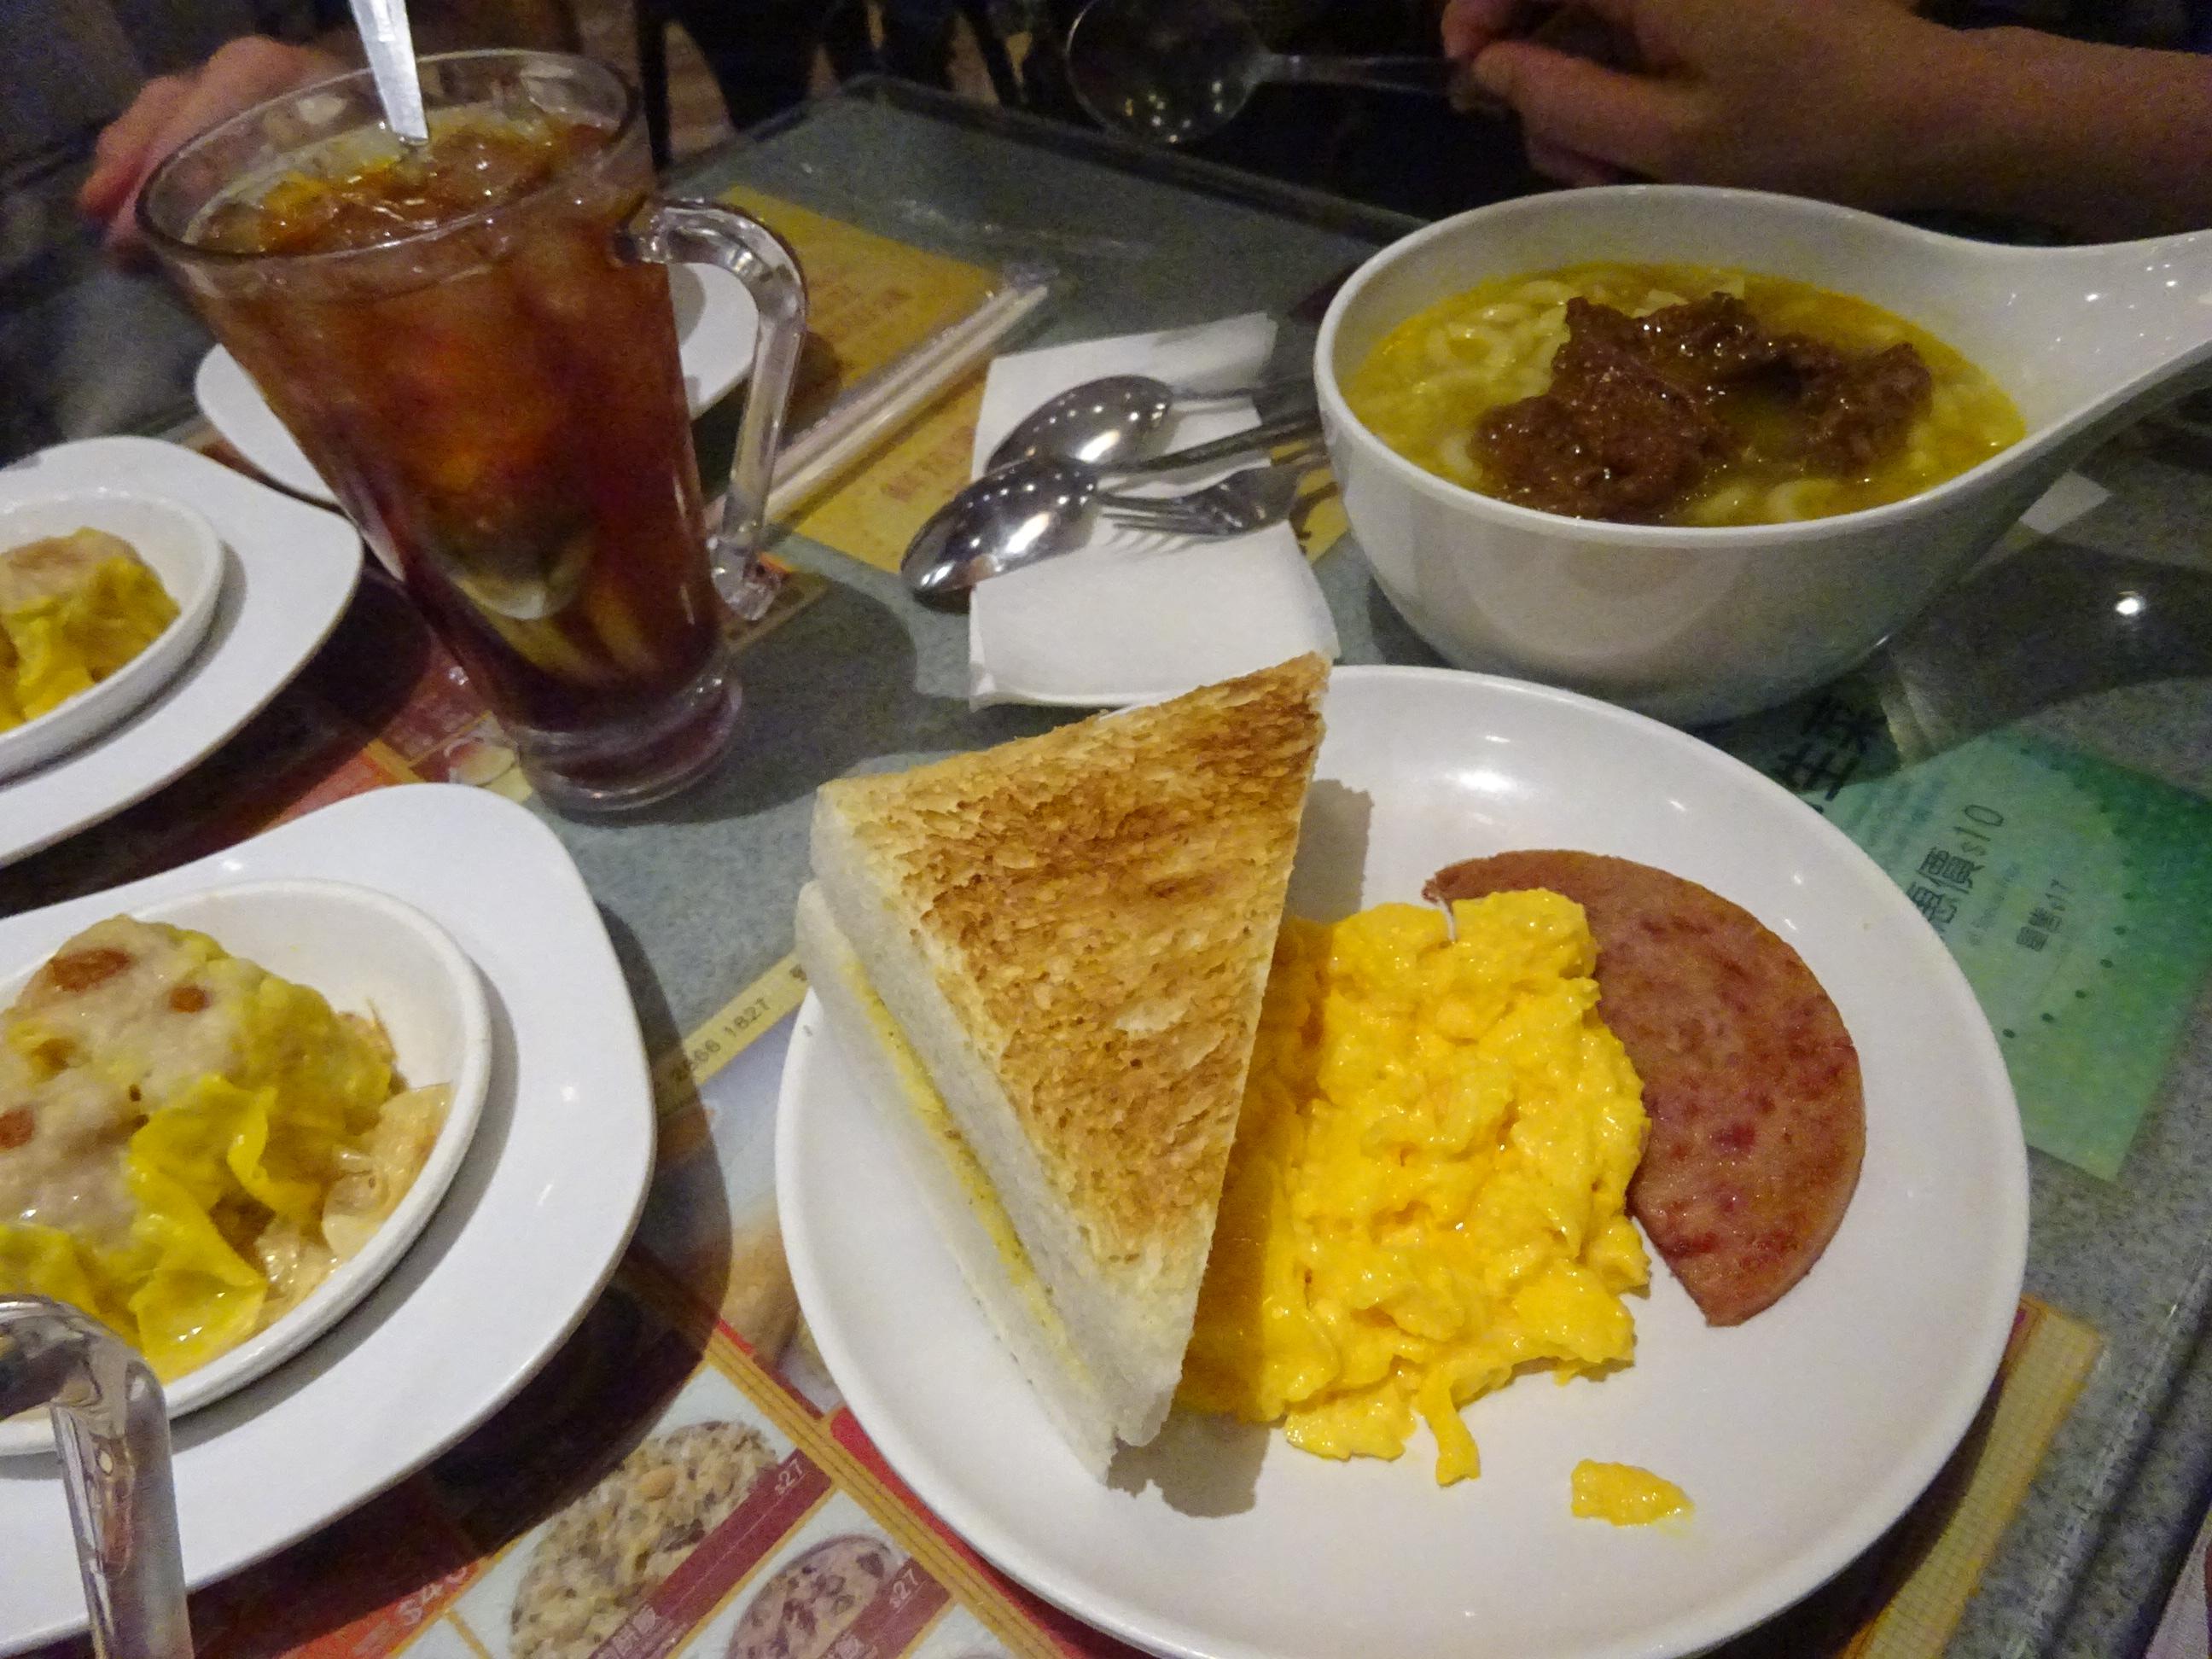 香港おすすめレストランのトーストセットメニューとシュウマイ